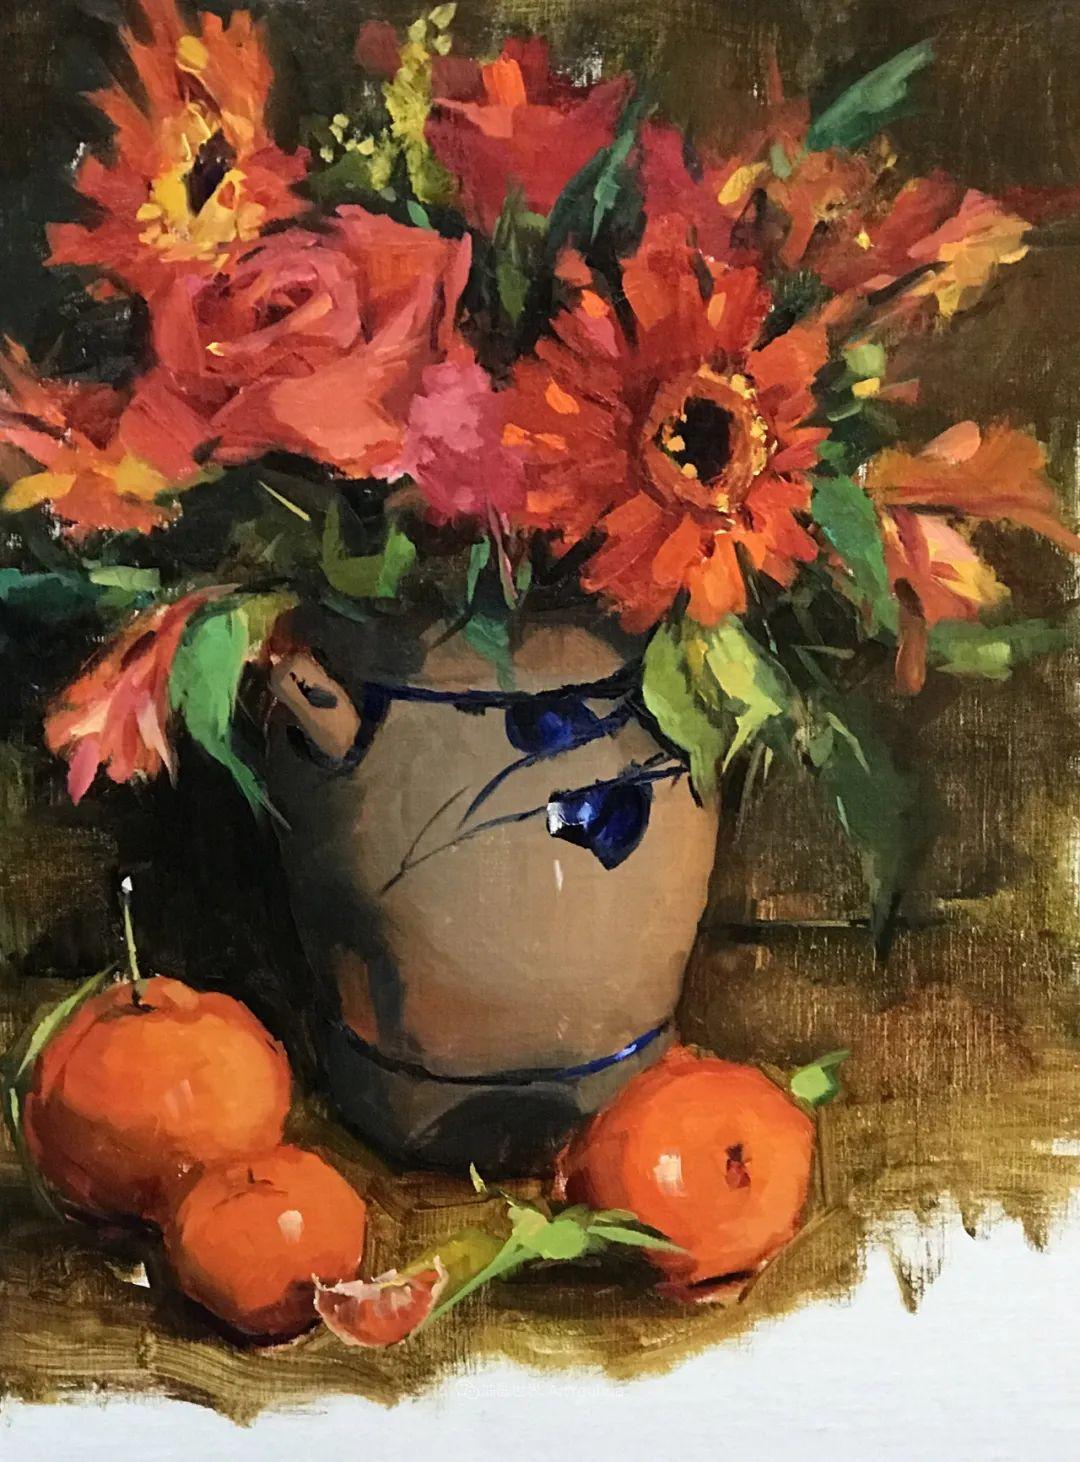 大笔触、充满活力色彩的花卉,美国女画家劳里·莱普科斯卡插图25